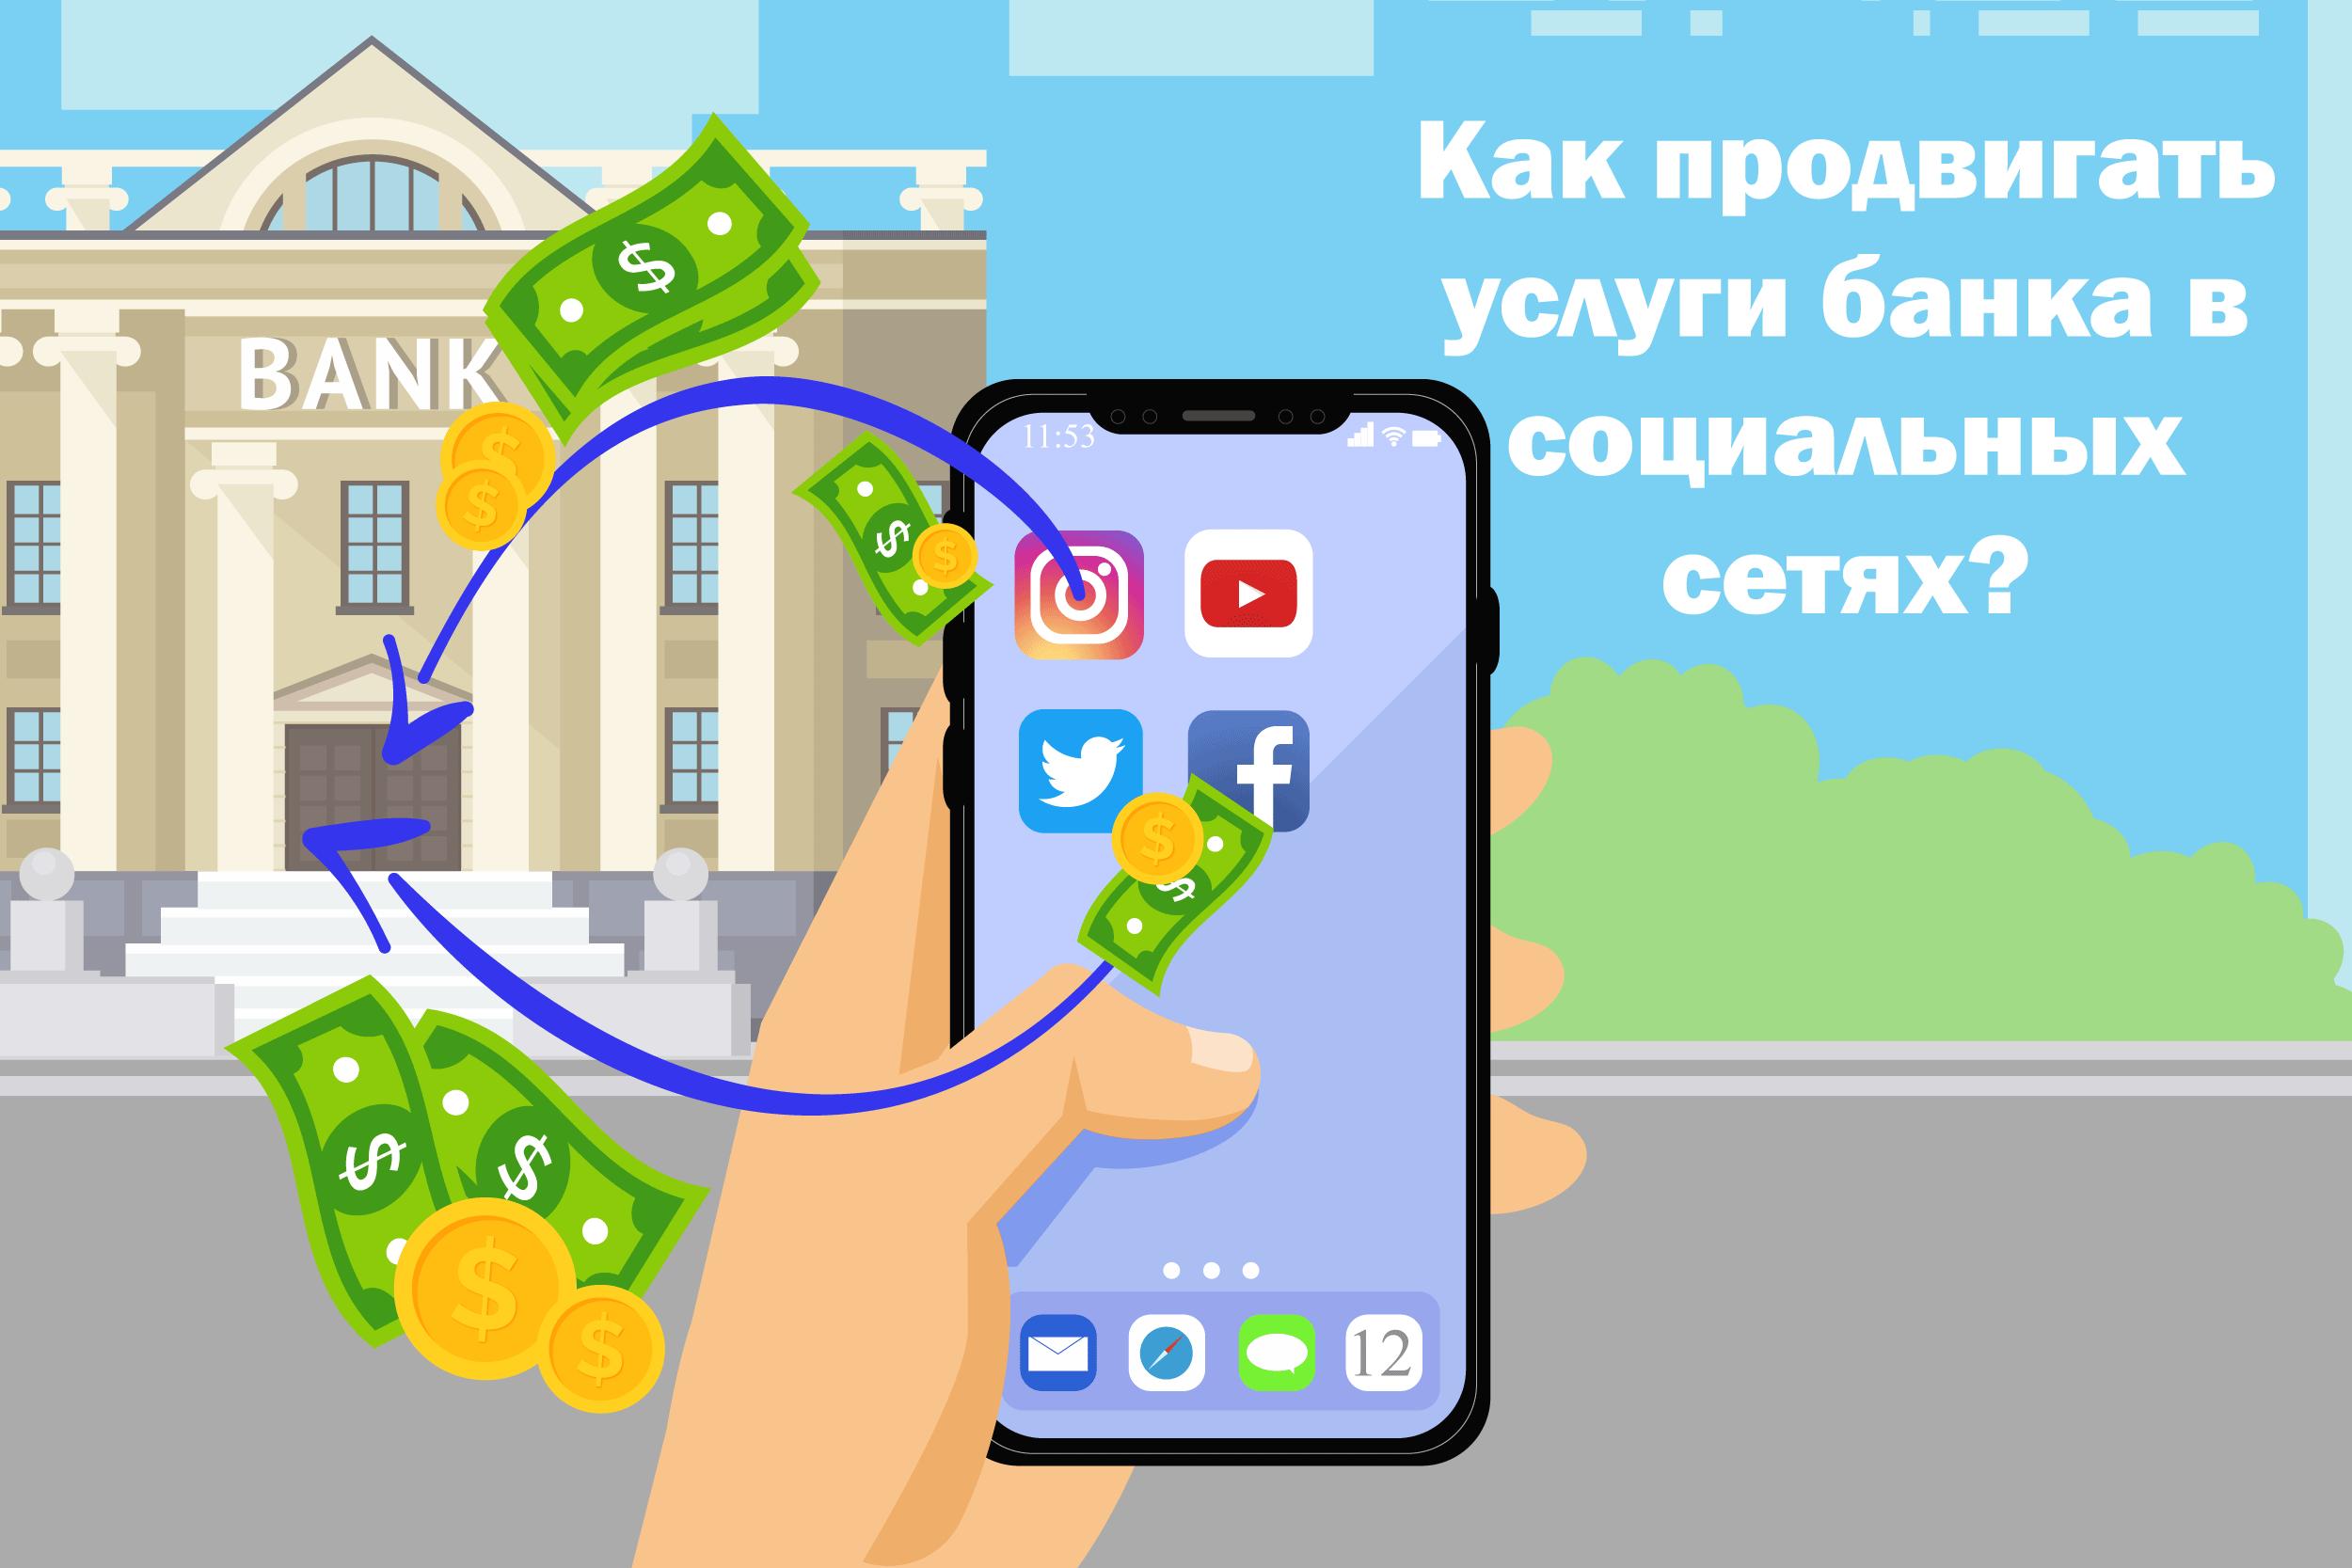 Как продвигать услуги банка в социальных сетях?